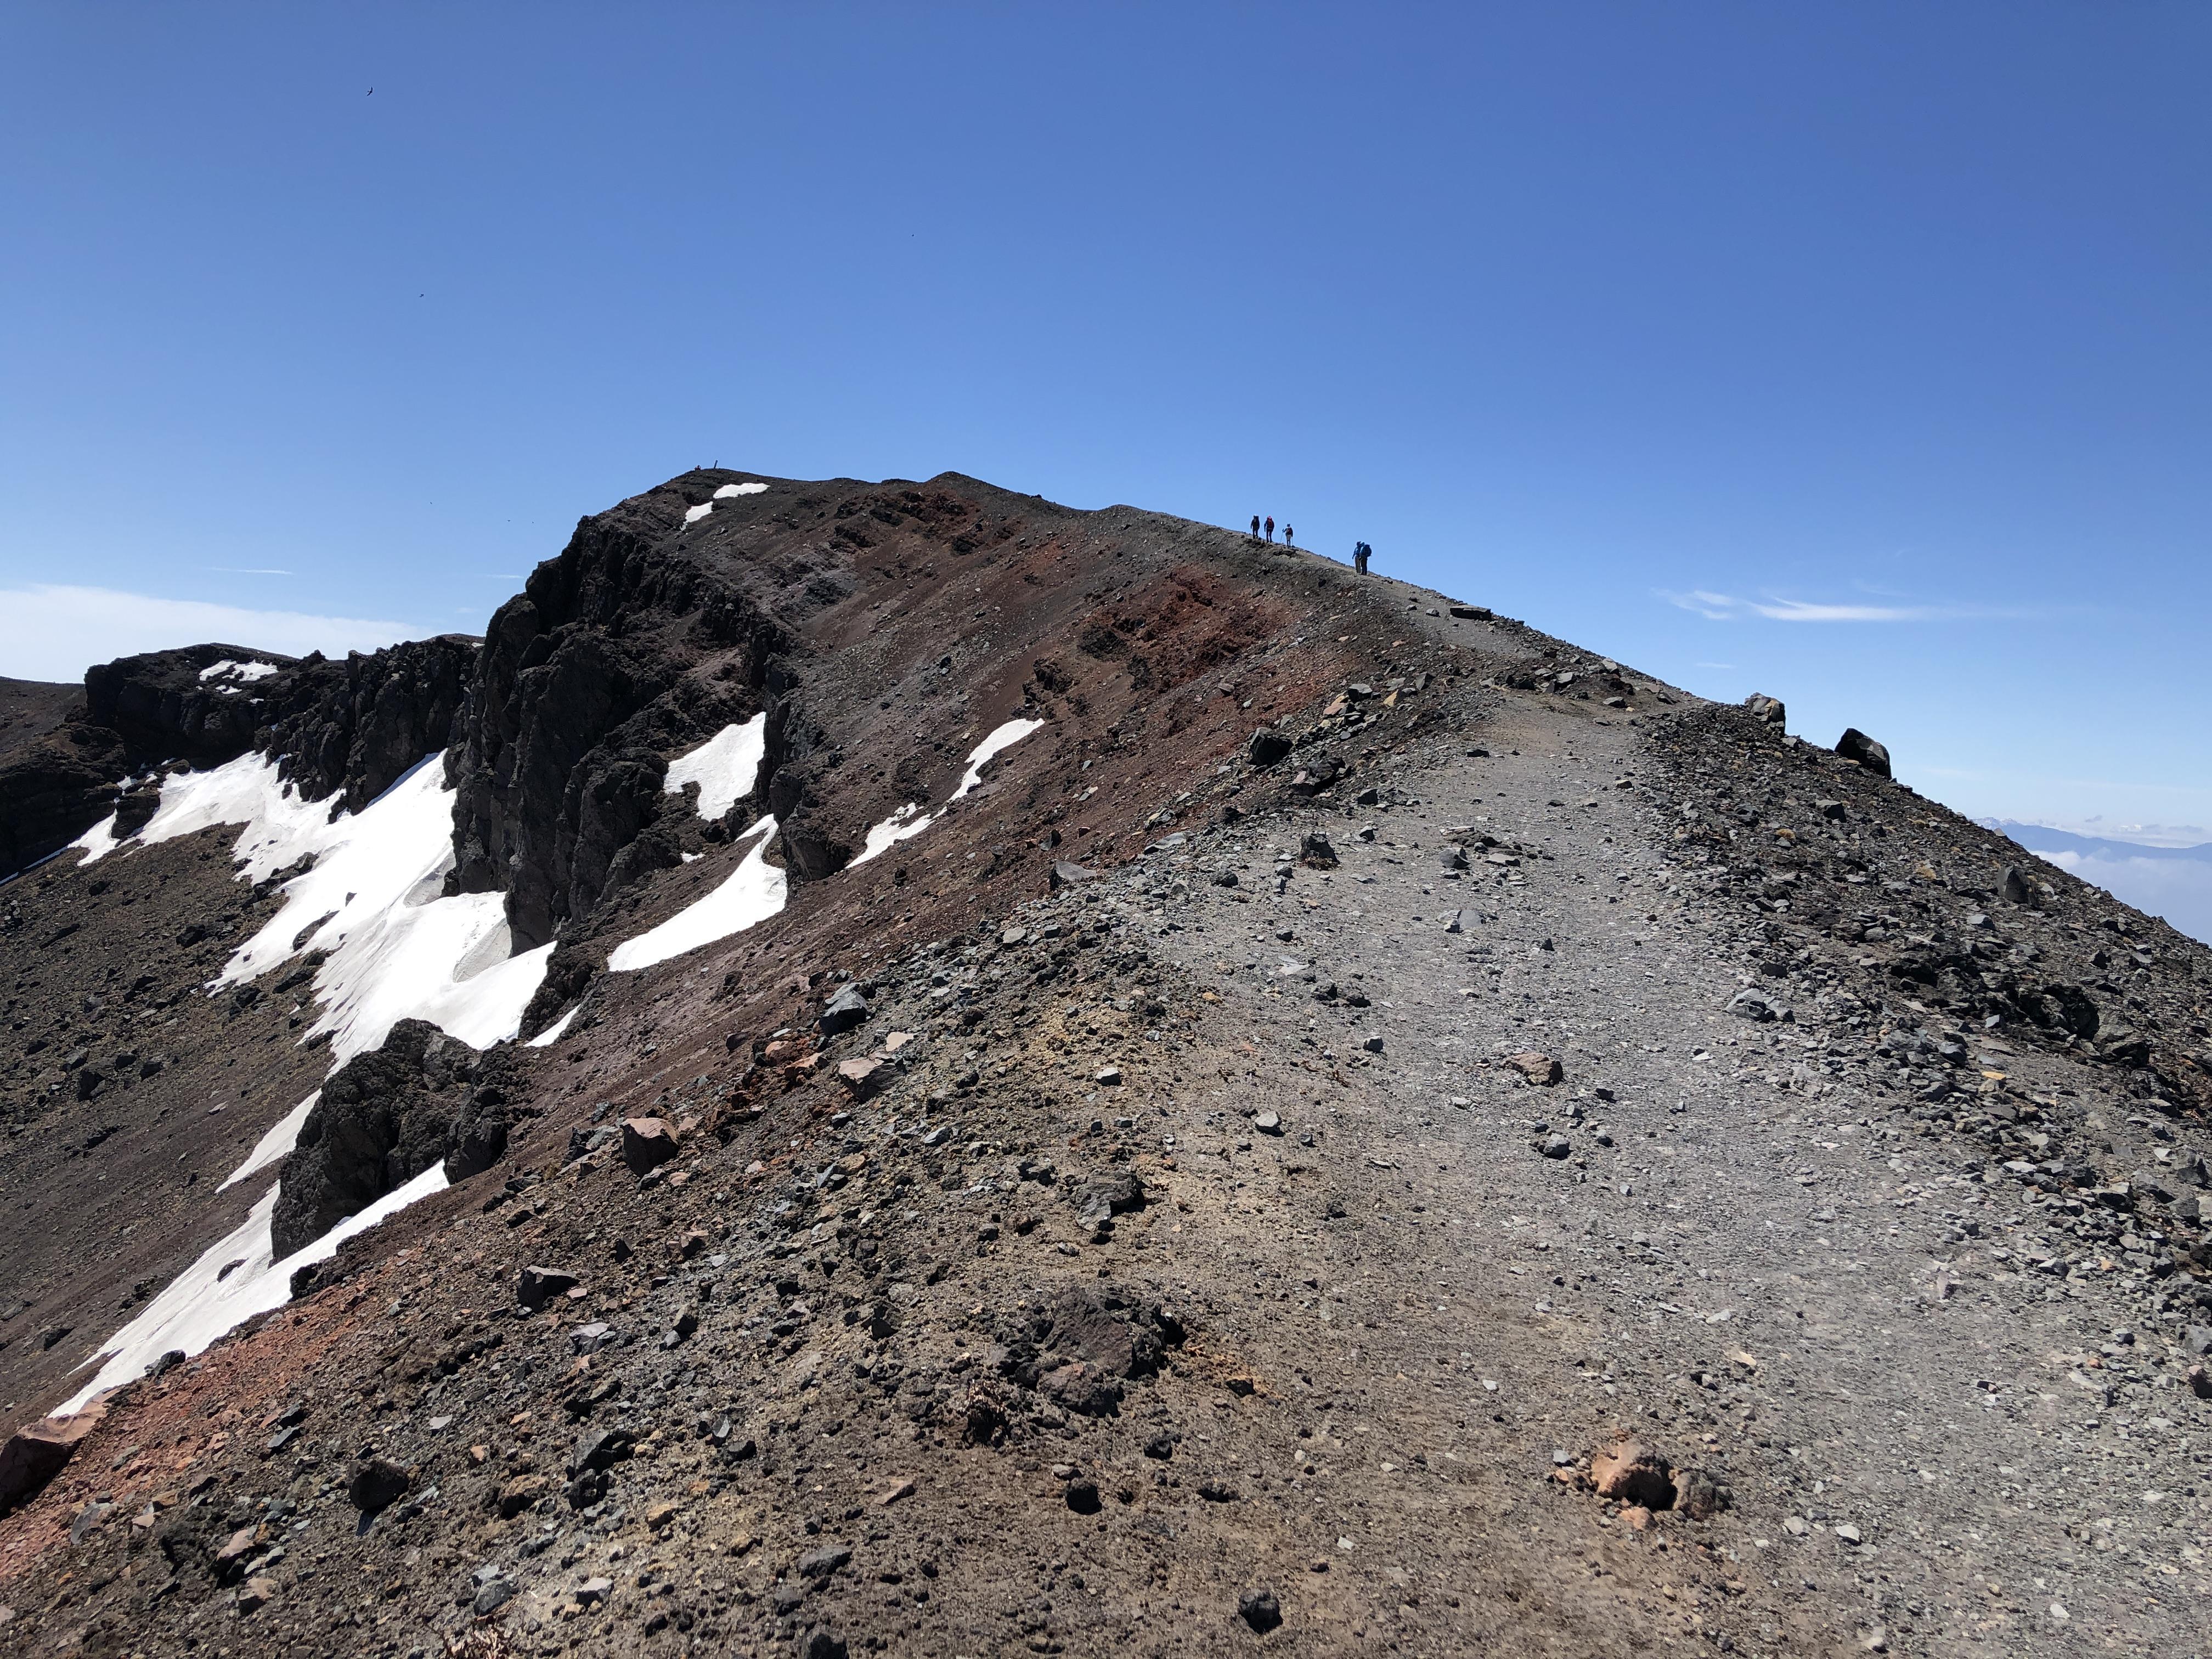 2019/05/19-20 浅間山:黒斑山, 前掛山